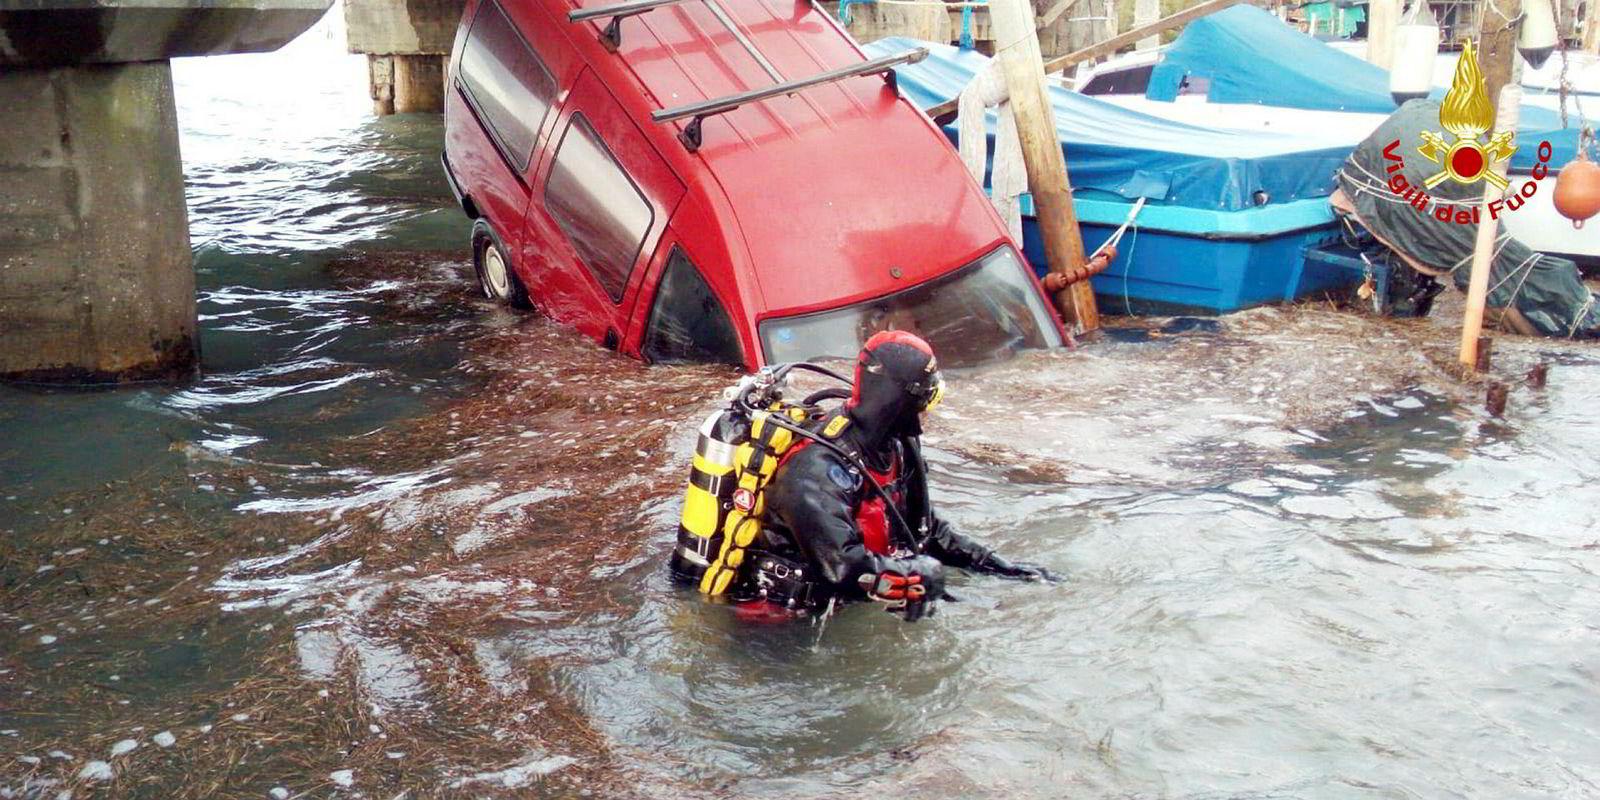 En brannmann i dykkerutstyr leter i vannet rundt en druknet bil